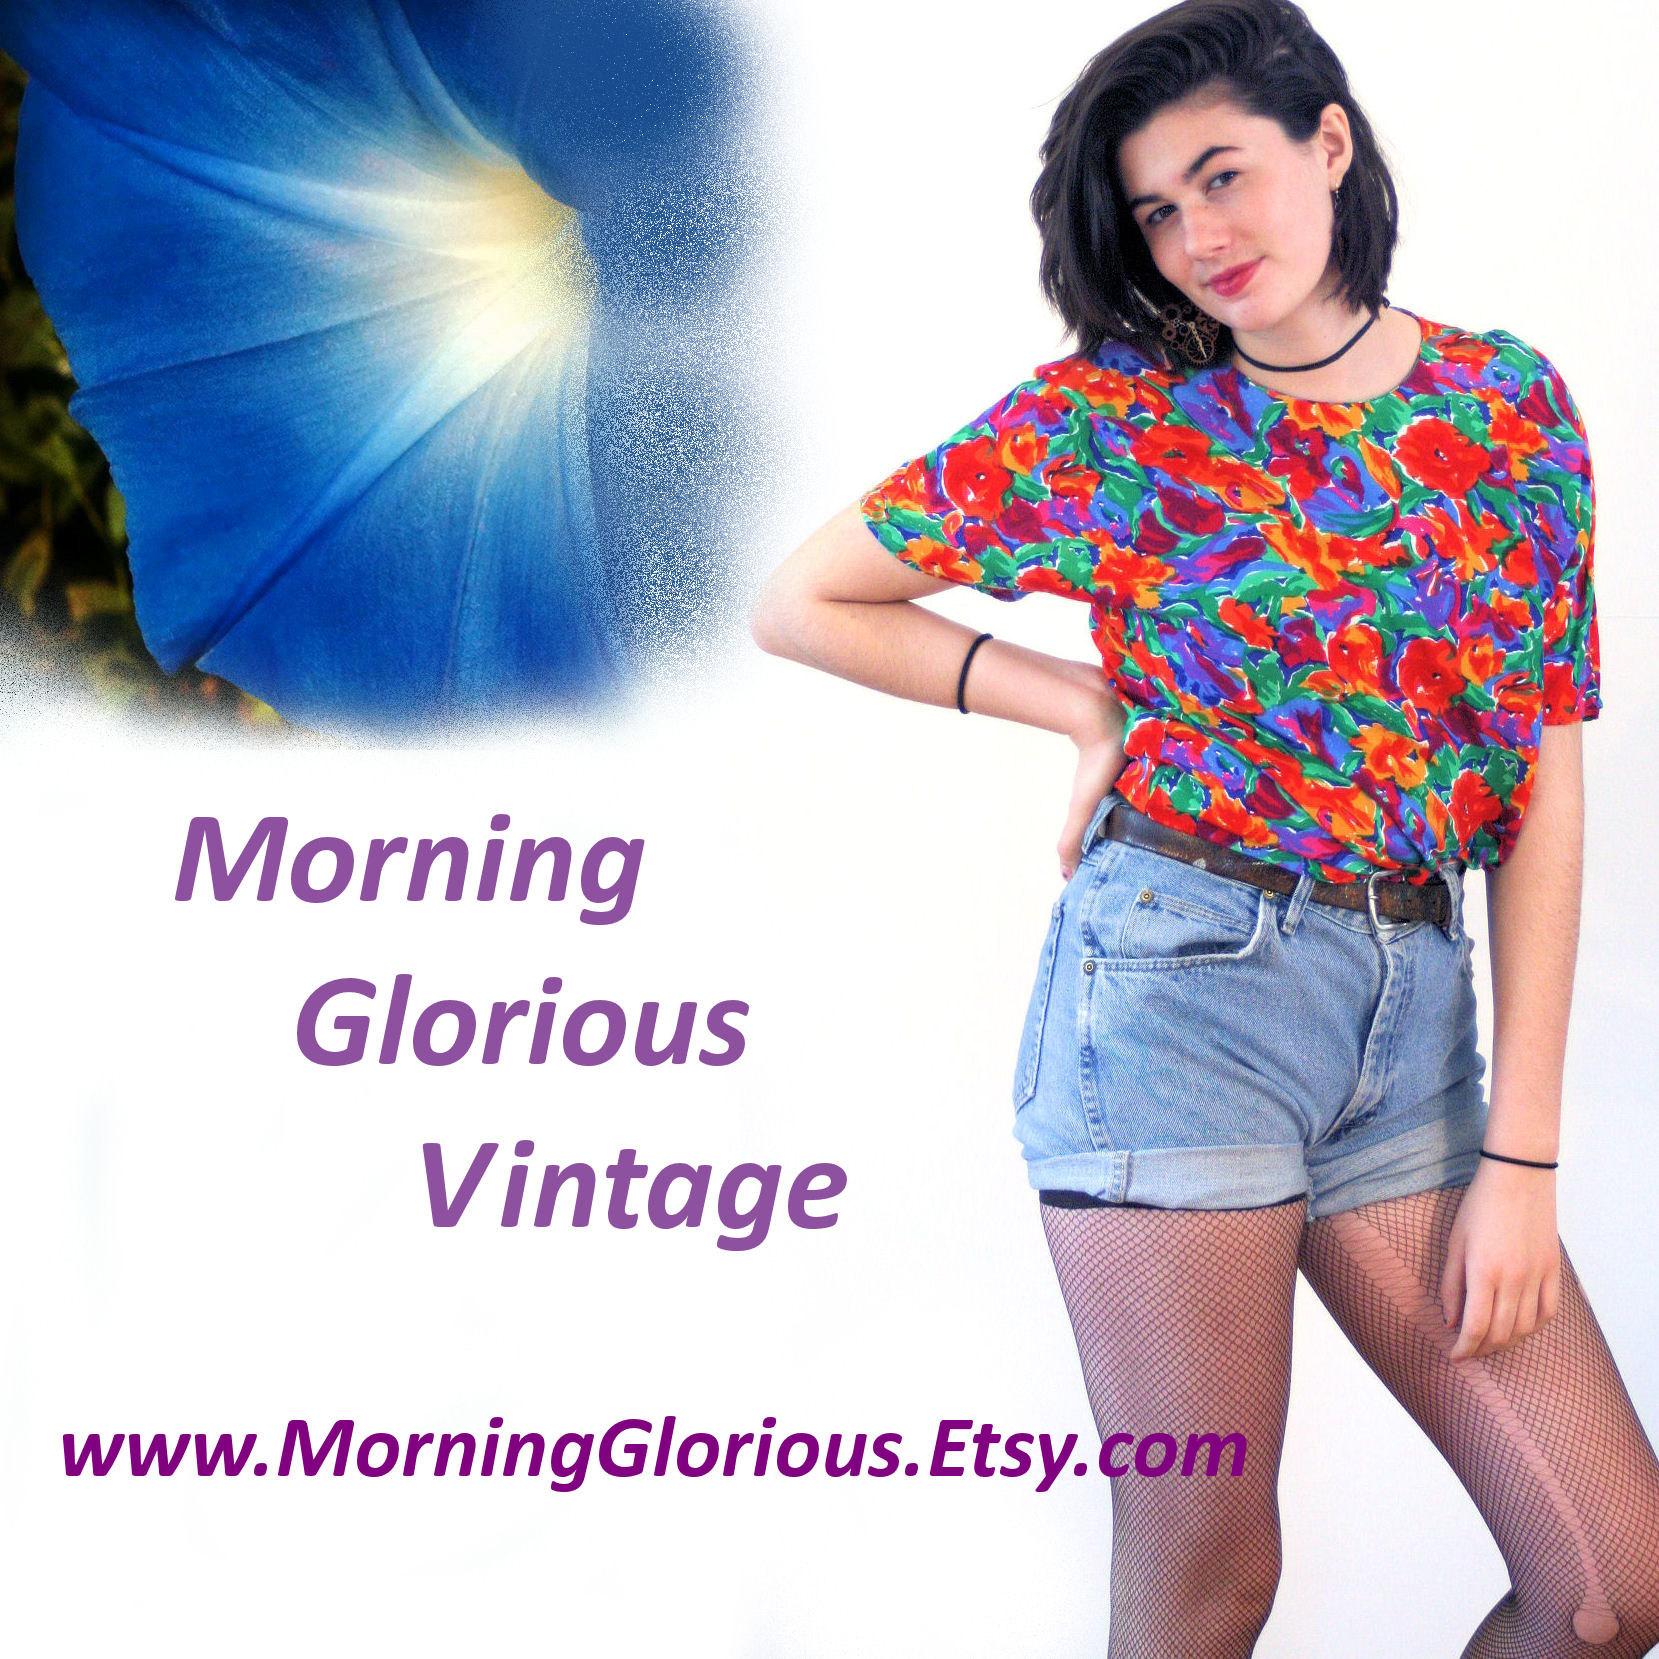 A glorious selection of vintage fashion von MorningGlorious auf Etsy